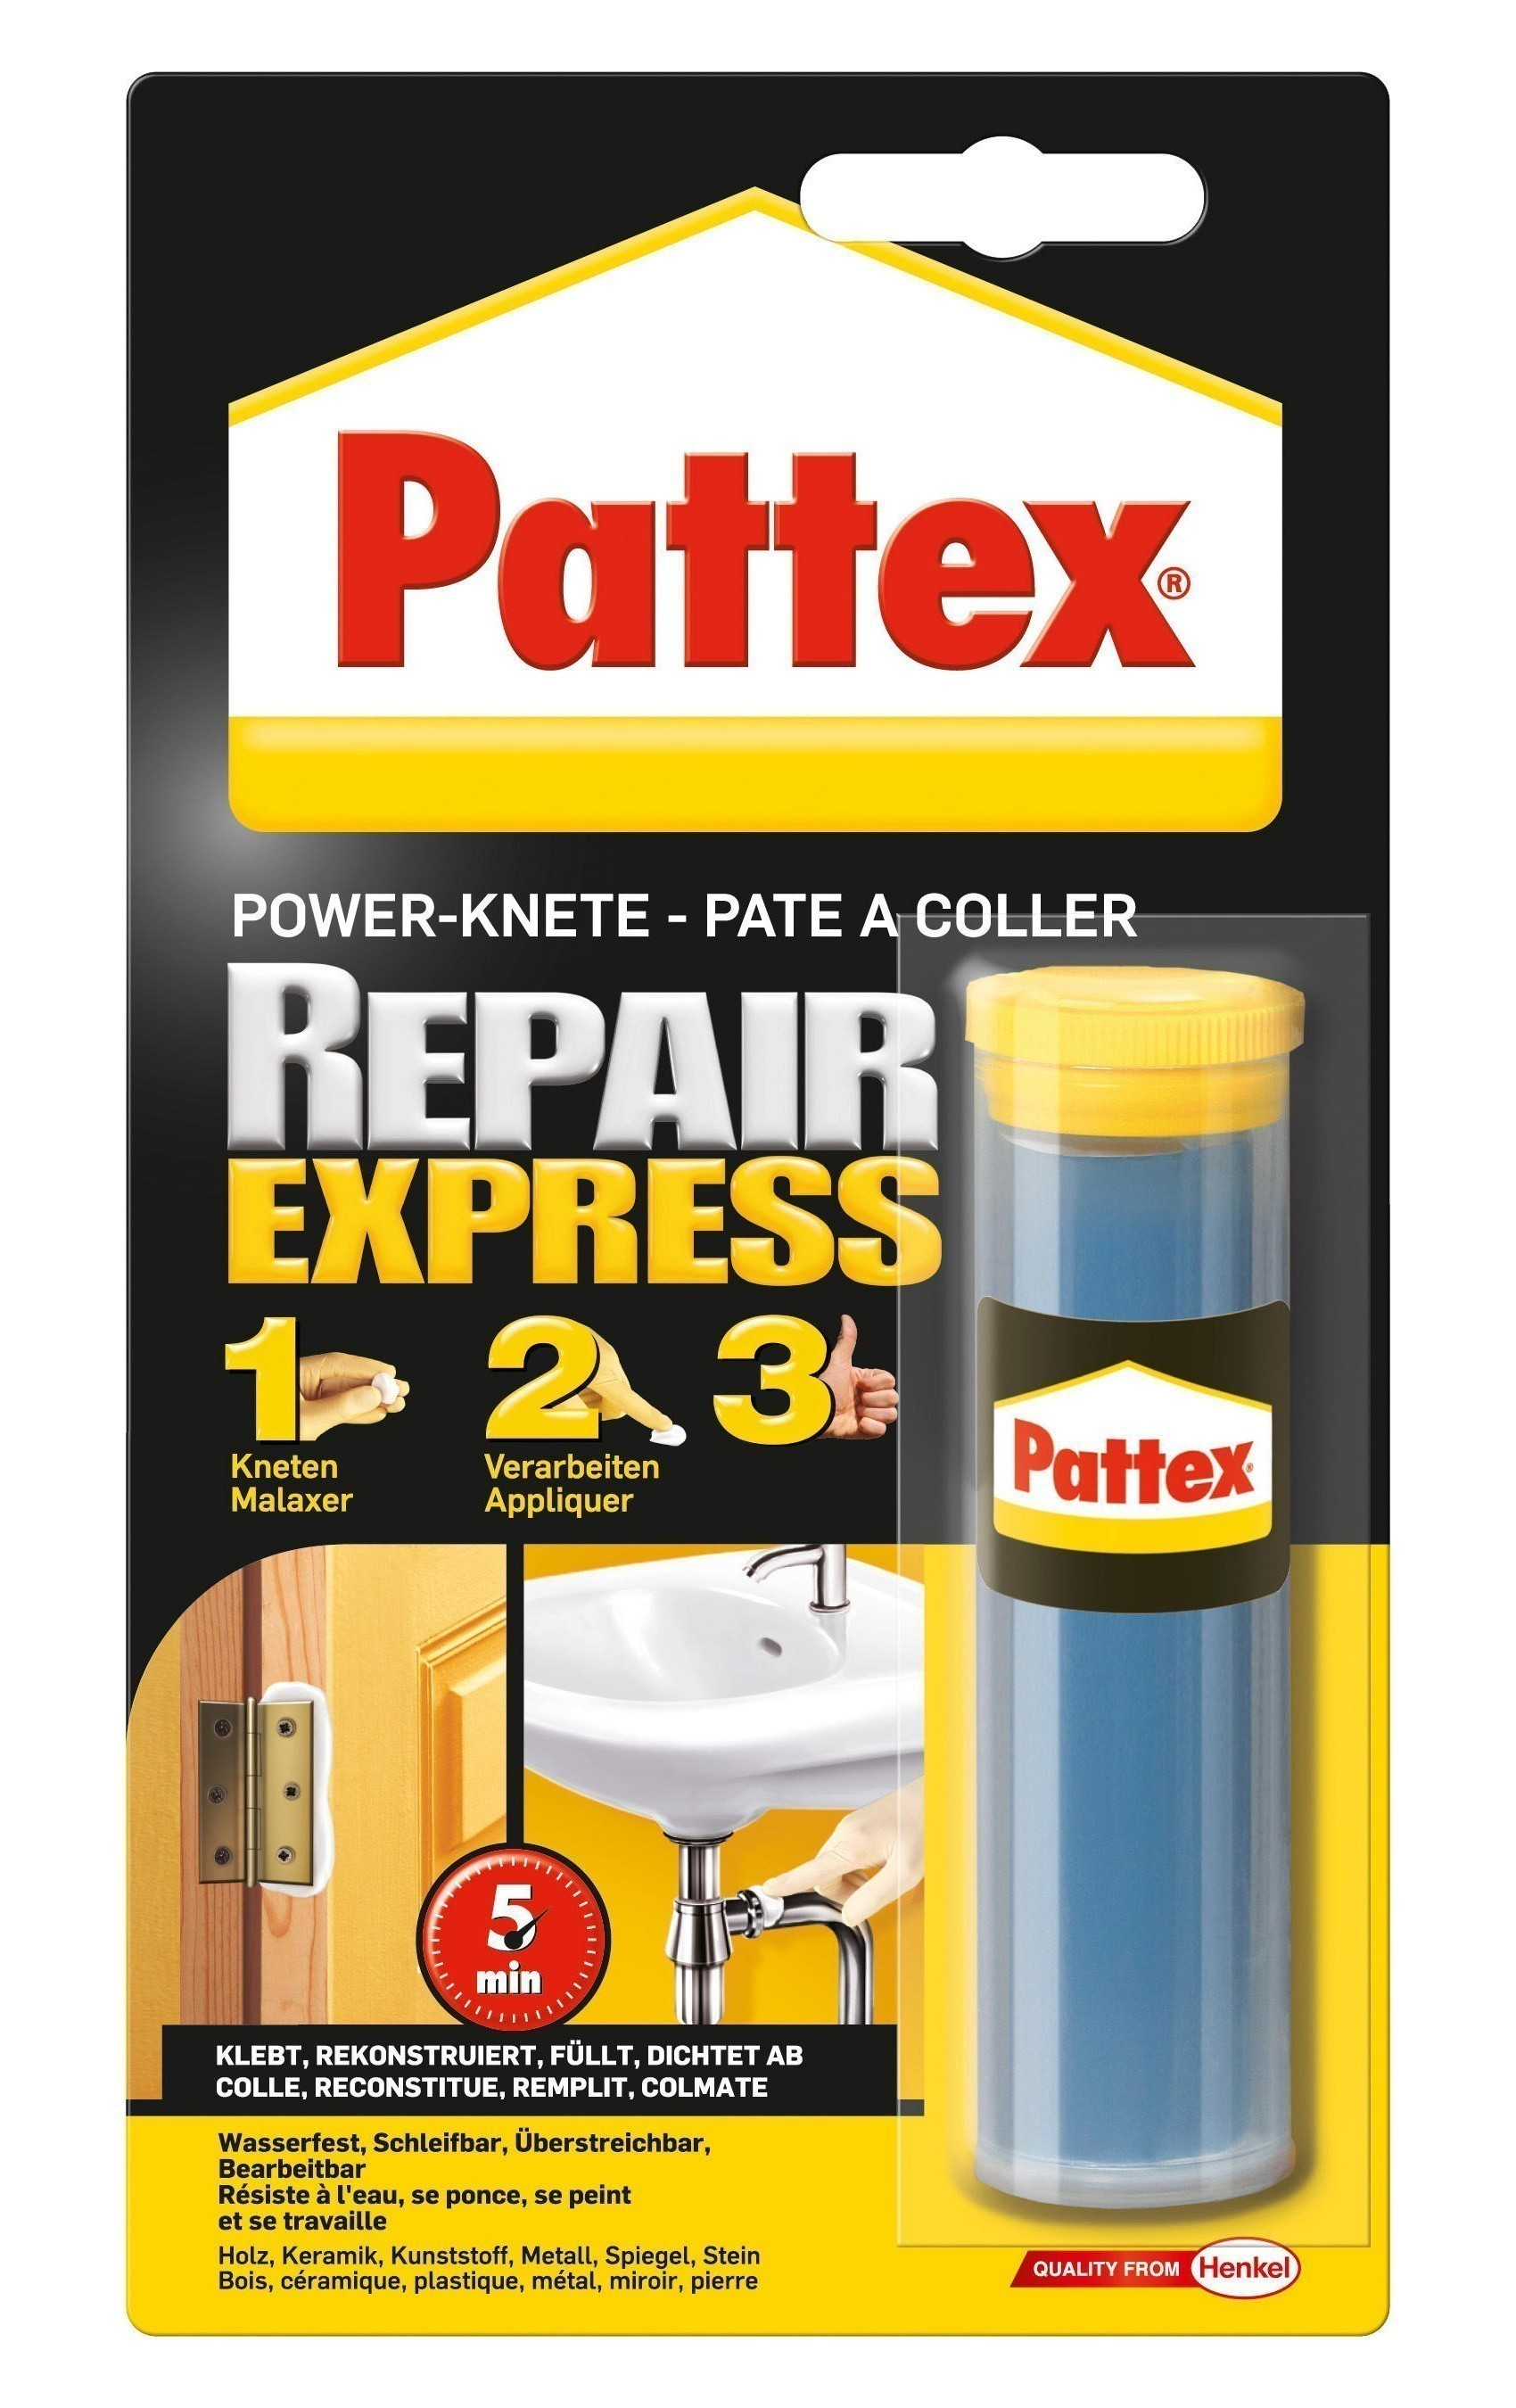 Pattex Powerknete Repair Express 48g Bild 1